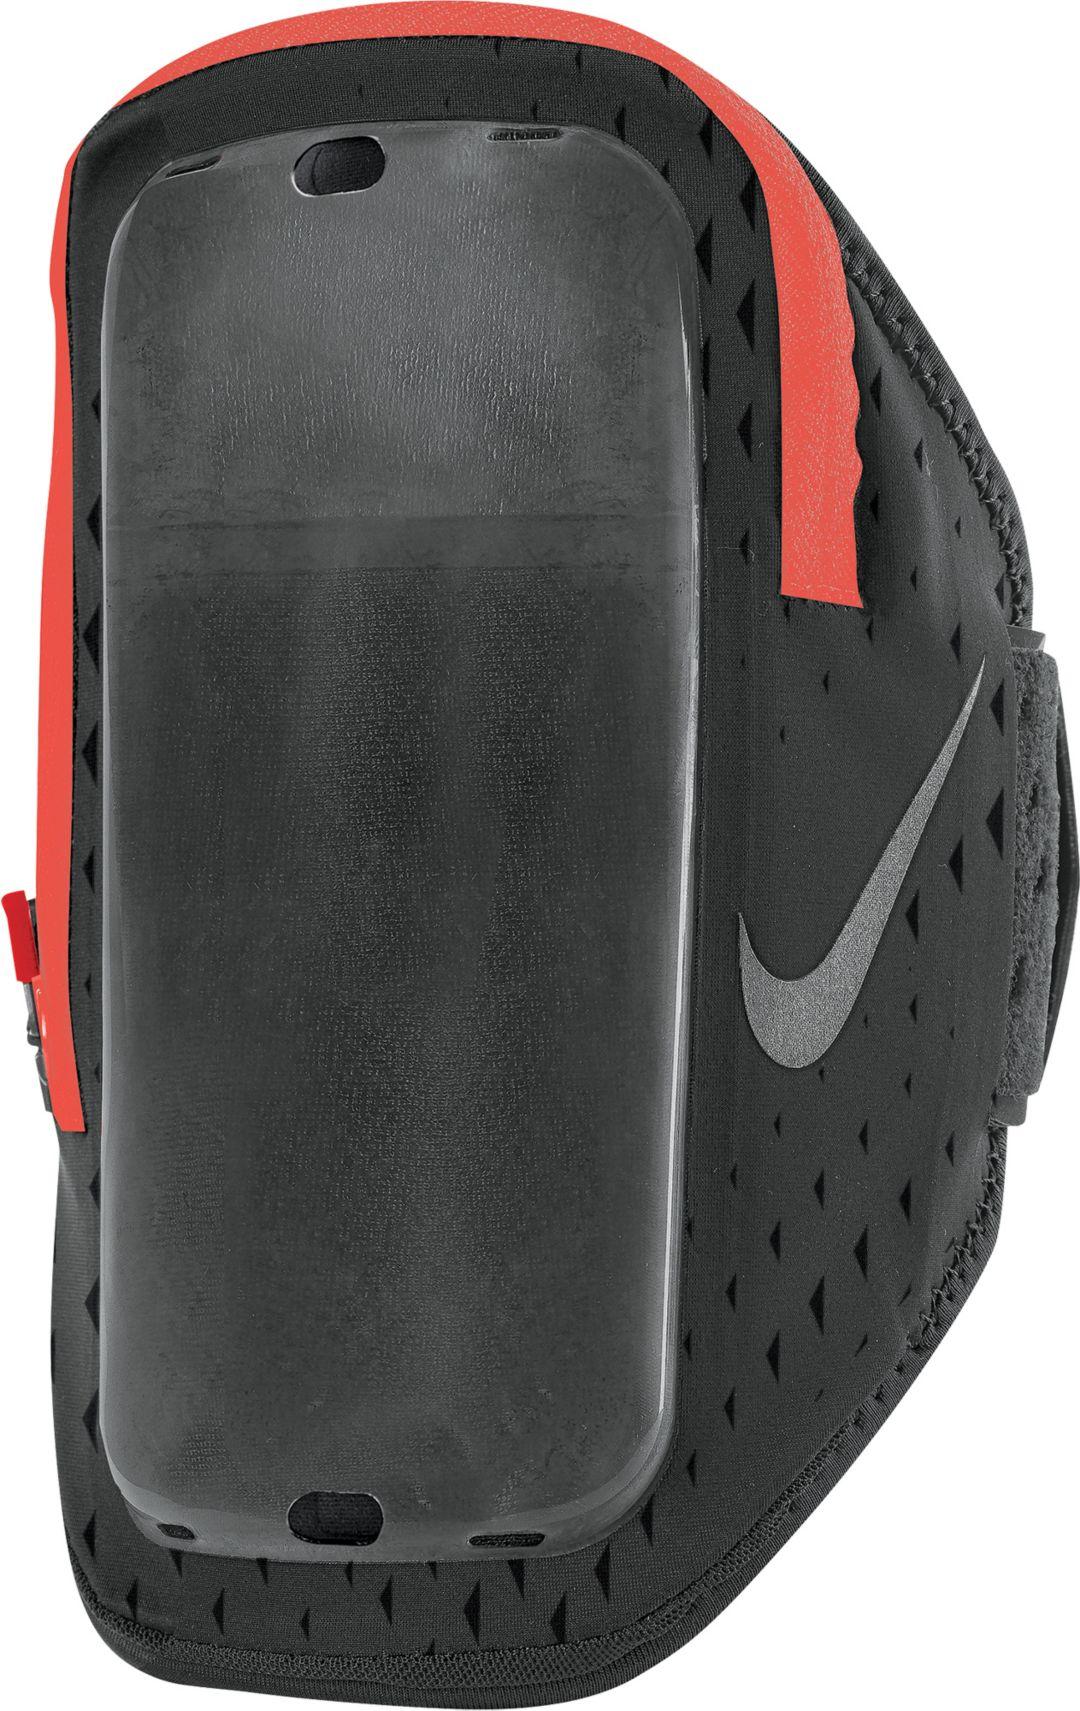 wholesale dealer 43dbe 20dfe Nike Pocket Armband